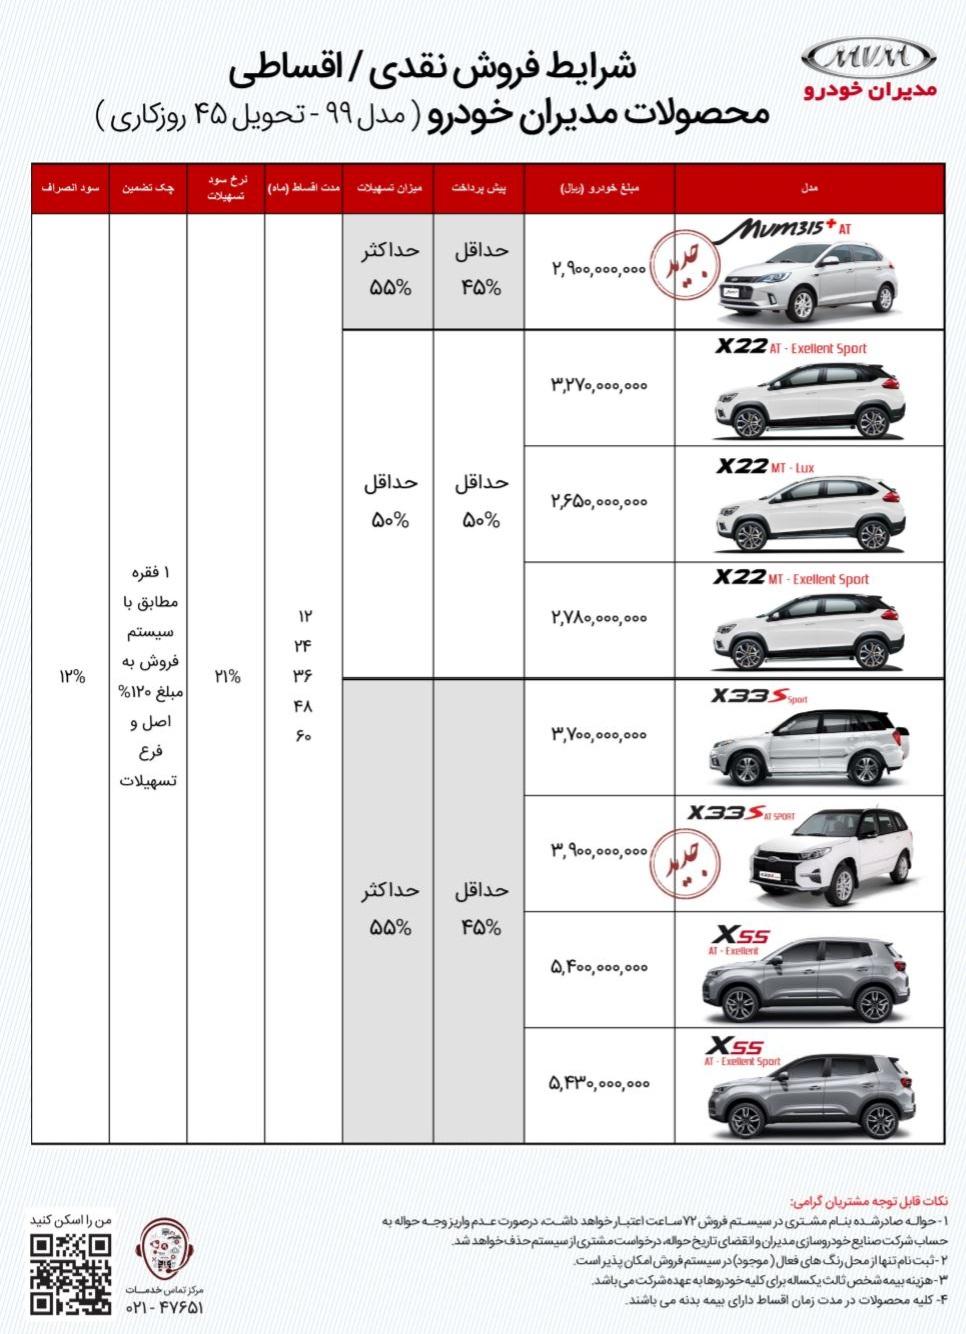 ثبت نام خودرو های شرکت مدیران خودرو